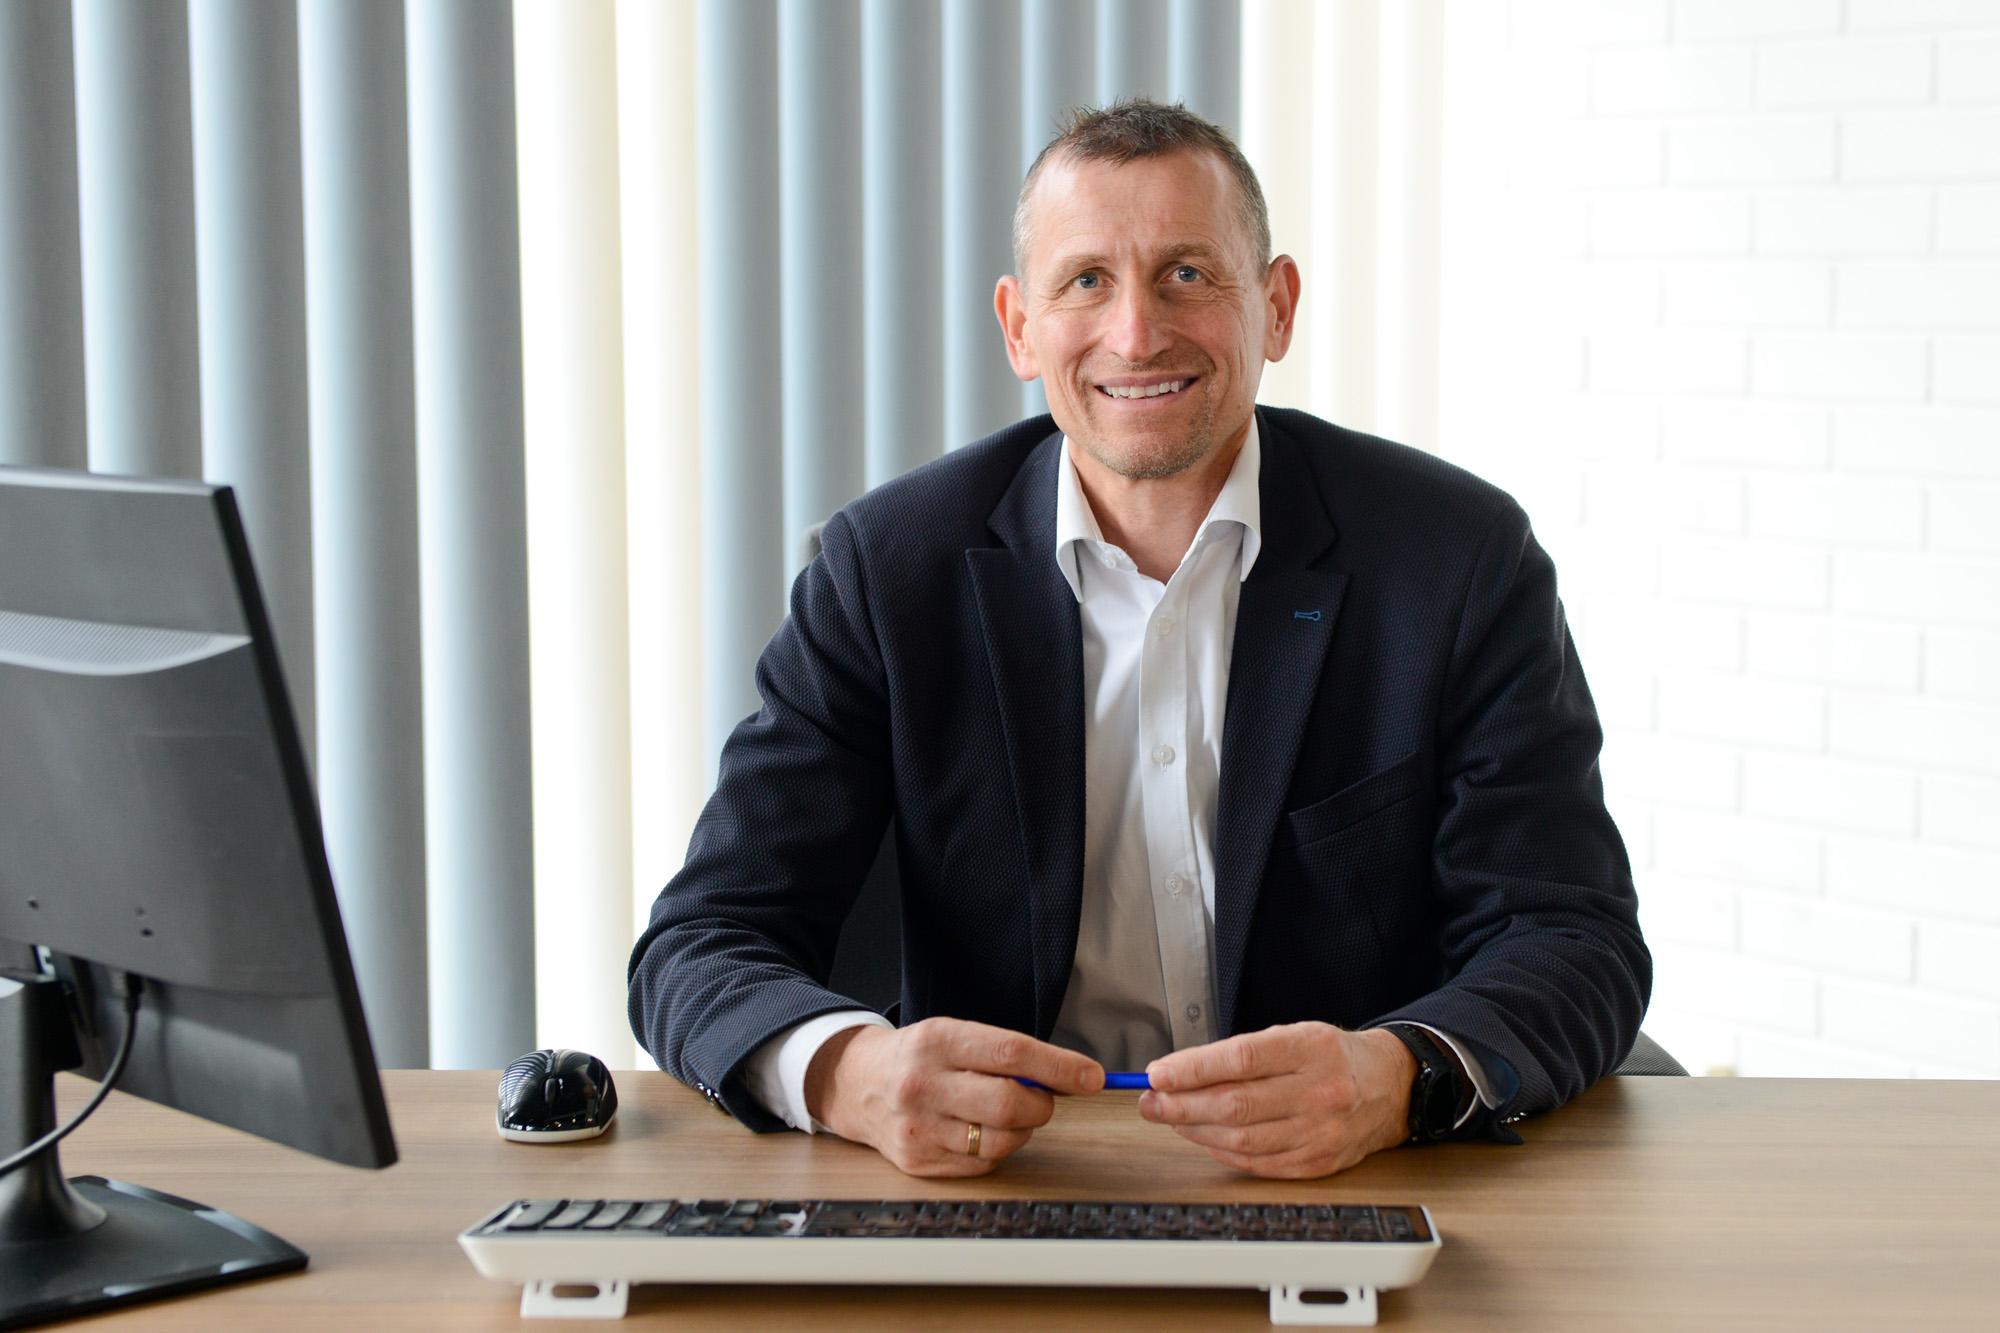 Eduard Christian Schlögl